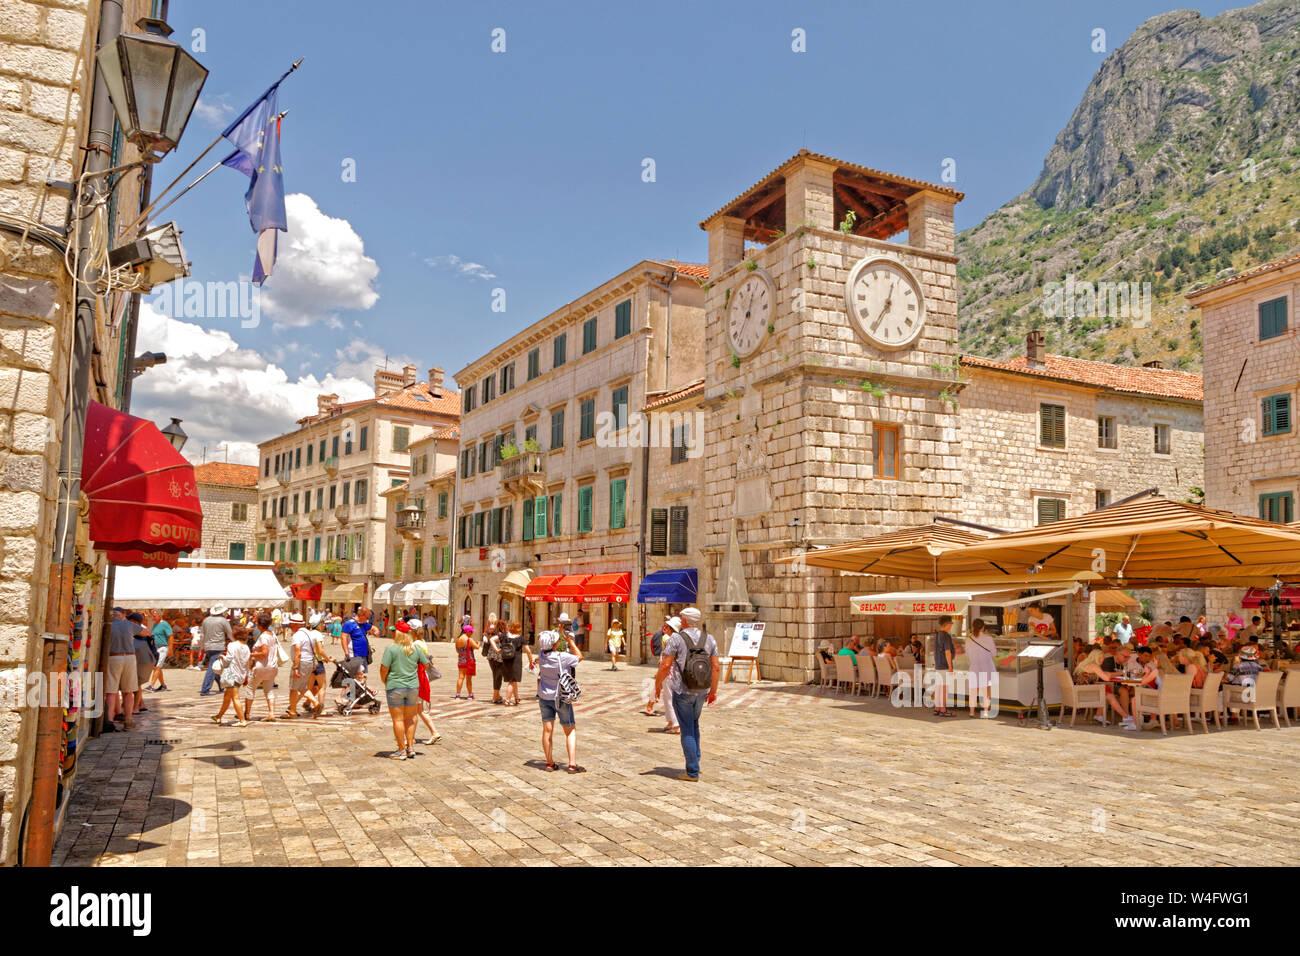 Clock tower at Kotor old town, Kotor, Montenegro. Stock Photo